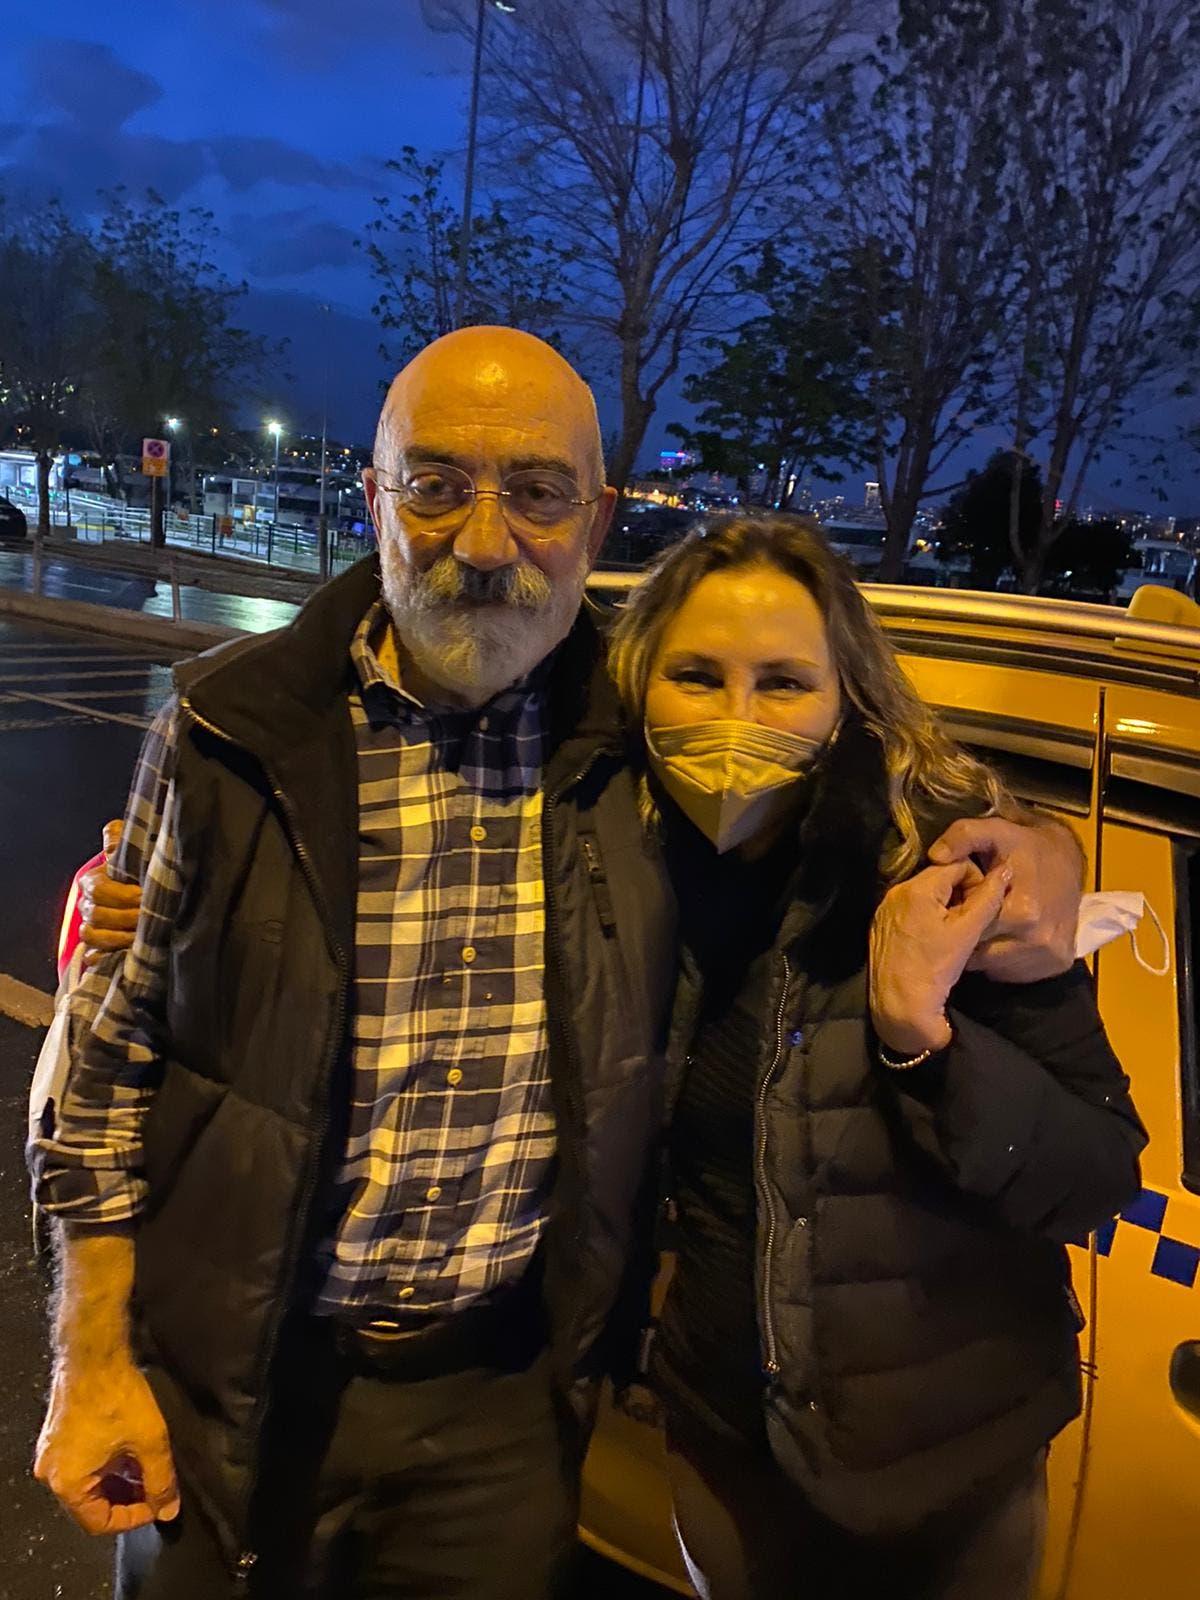 المحامية التركية مع موكلها الصحافي المعروف أحمد آلتان